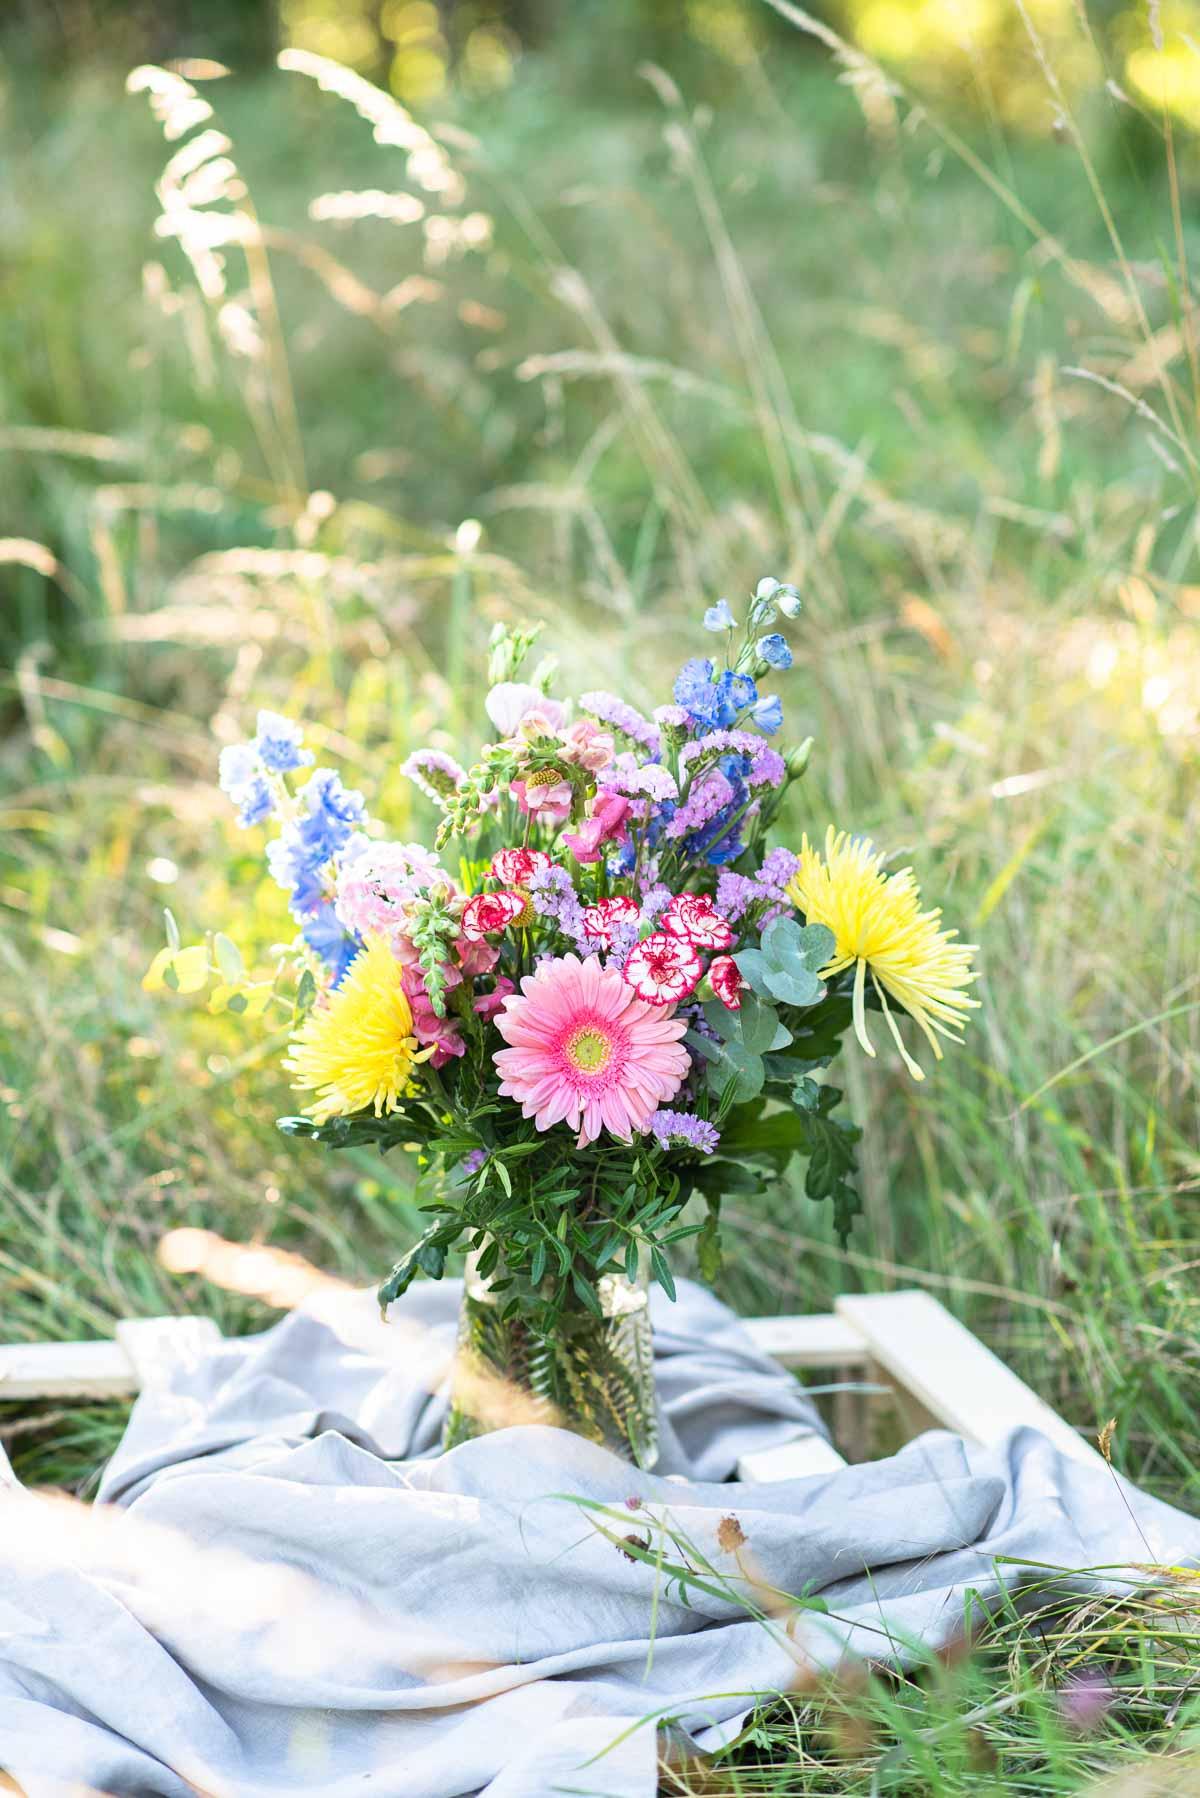 Blumenstrauß im Gegenlicht Fotografieren